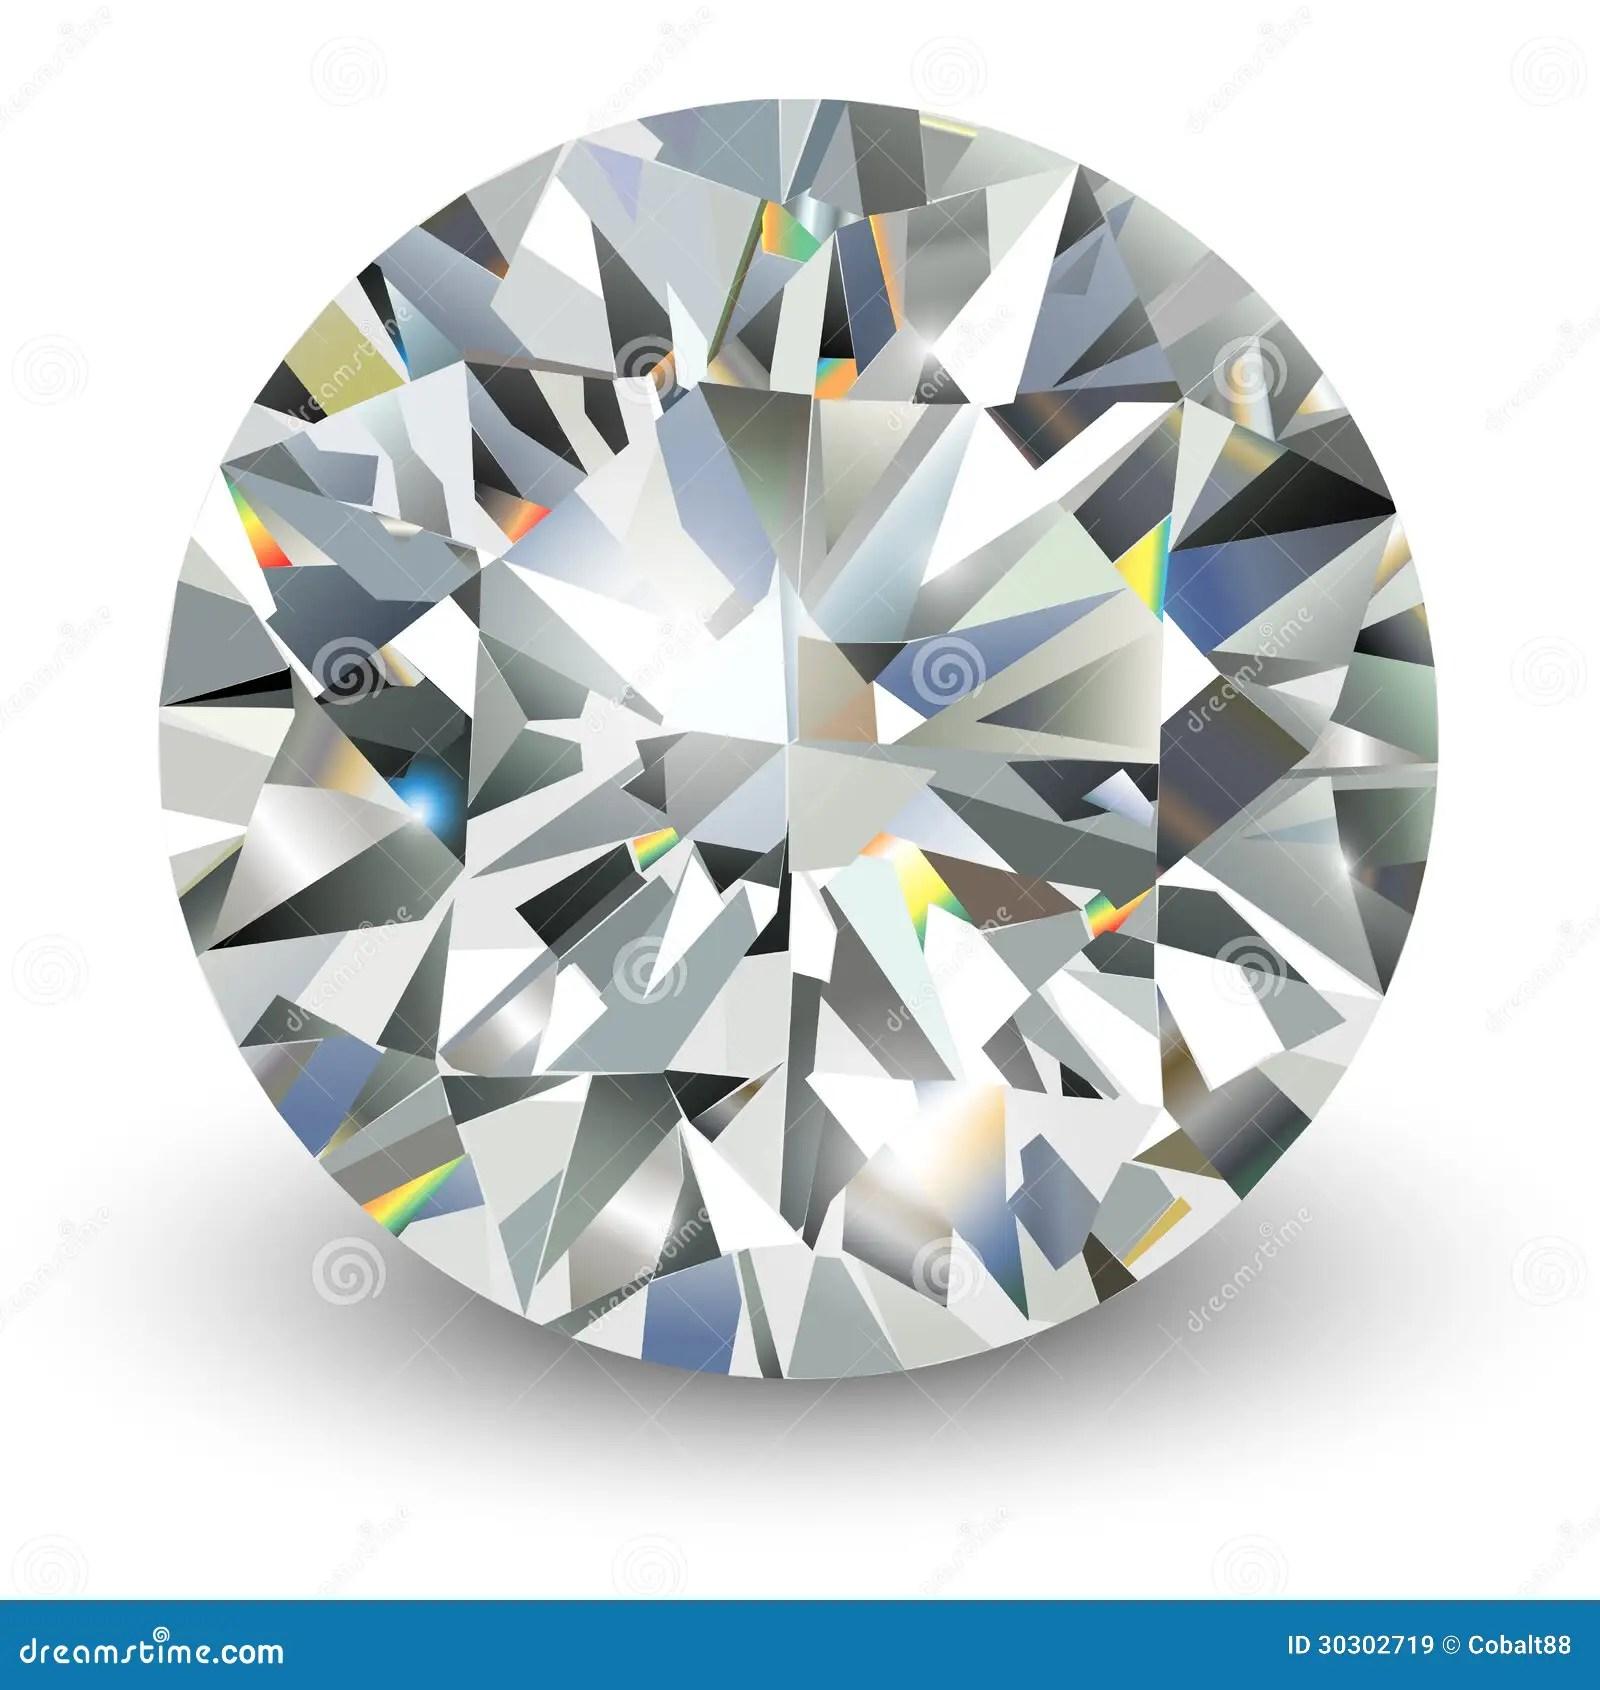 diamond stock vector illustration